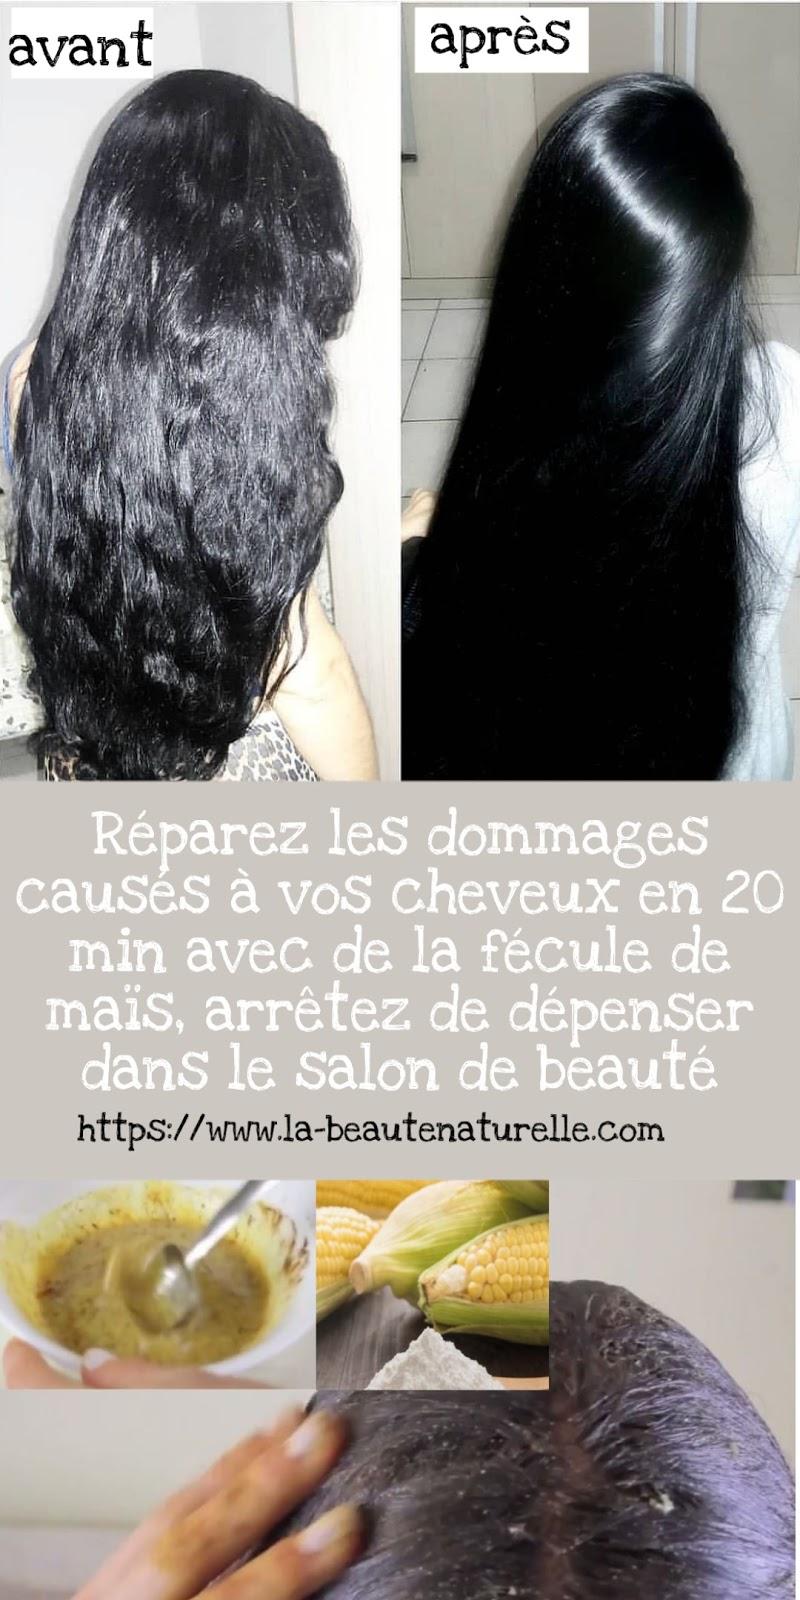 Réparez les dommages causés à vos cheveux en 20 min avec de la fécule de maïs, arrêtez de dépenser dans le salon de beauté